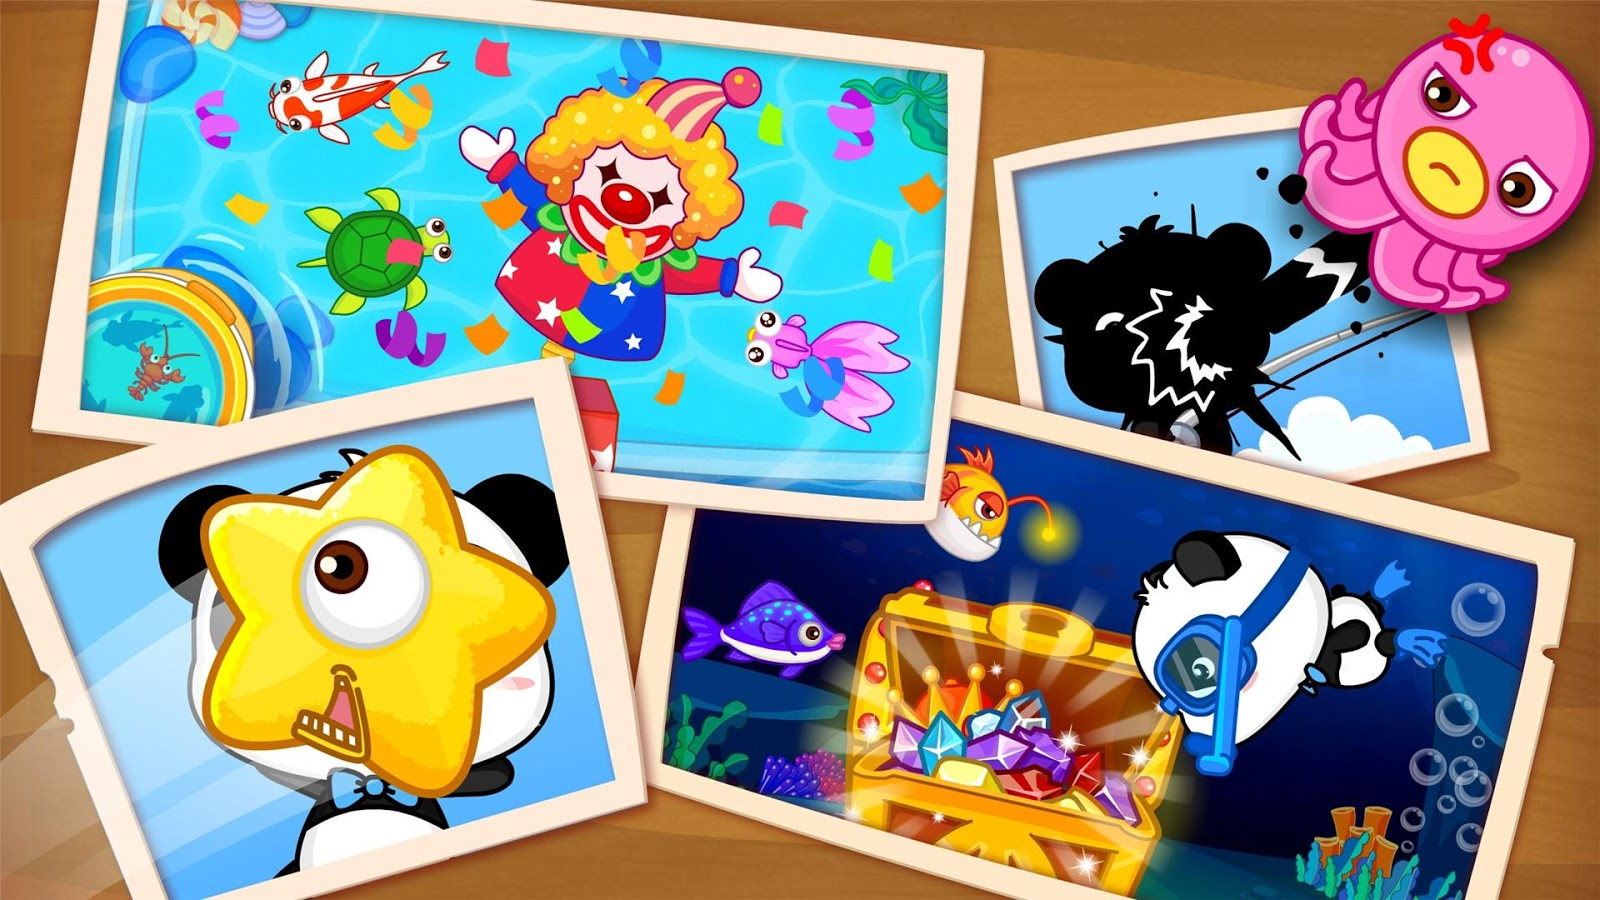 Permainan Memancing Panda Apl Android Di Google Play